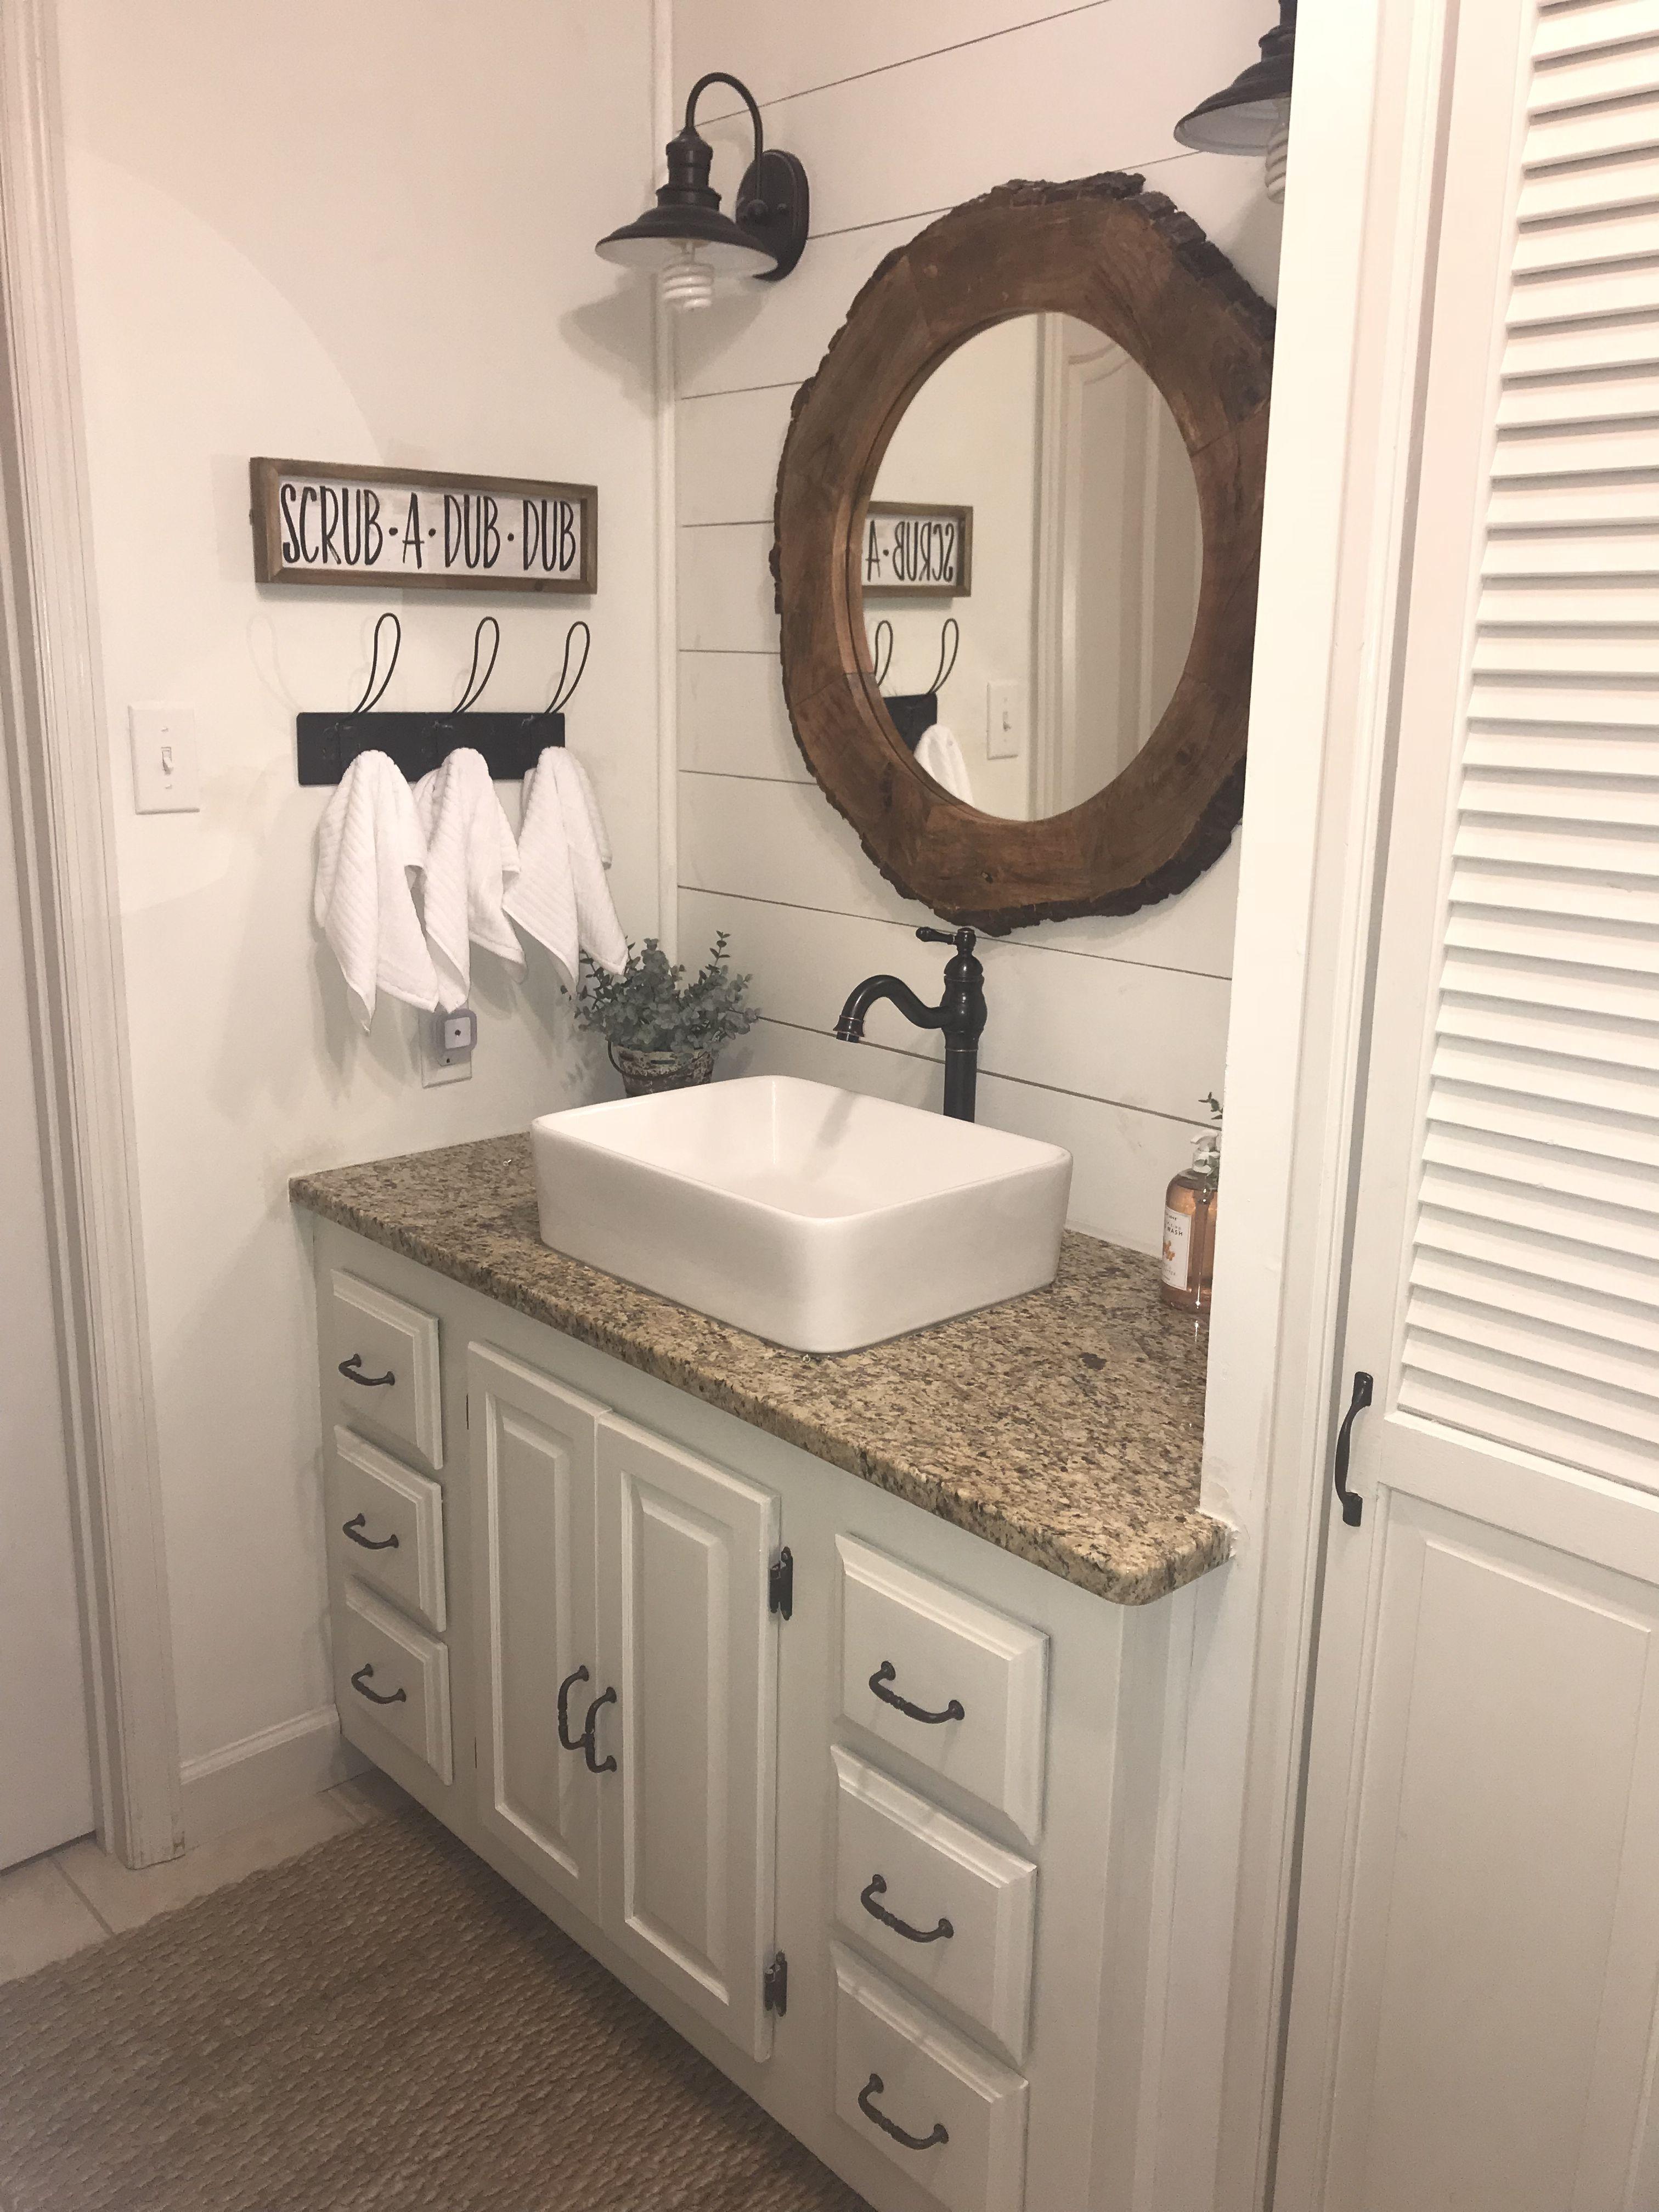 farmhouse bathroom remodel in 2019 diy bathroom remodel on bathroom renovation ideas diy id=23910